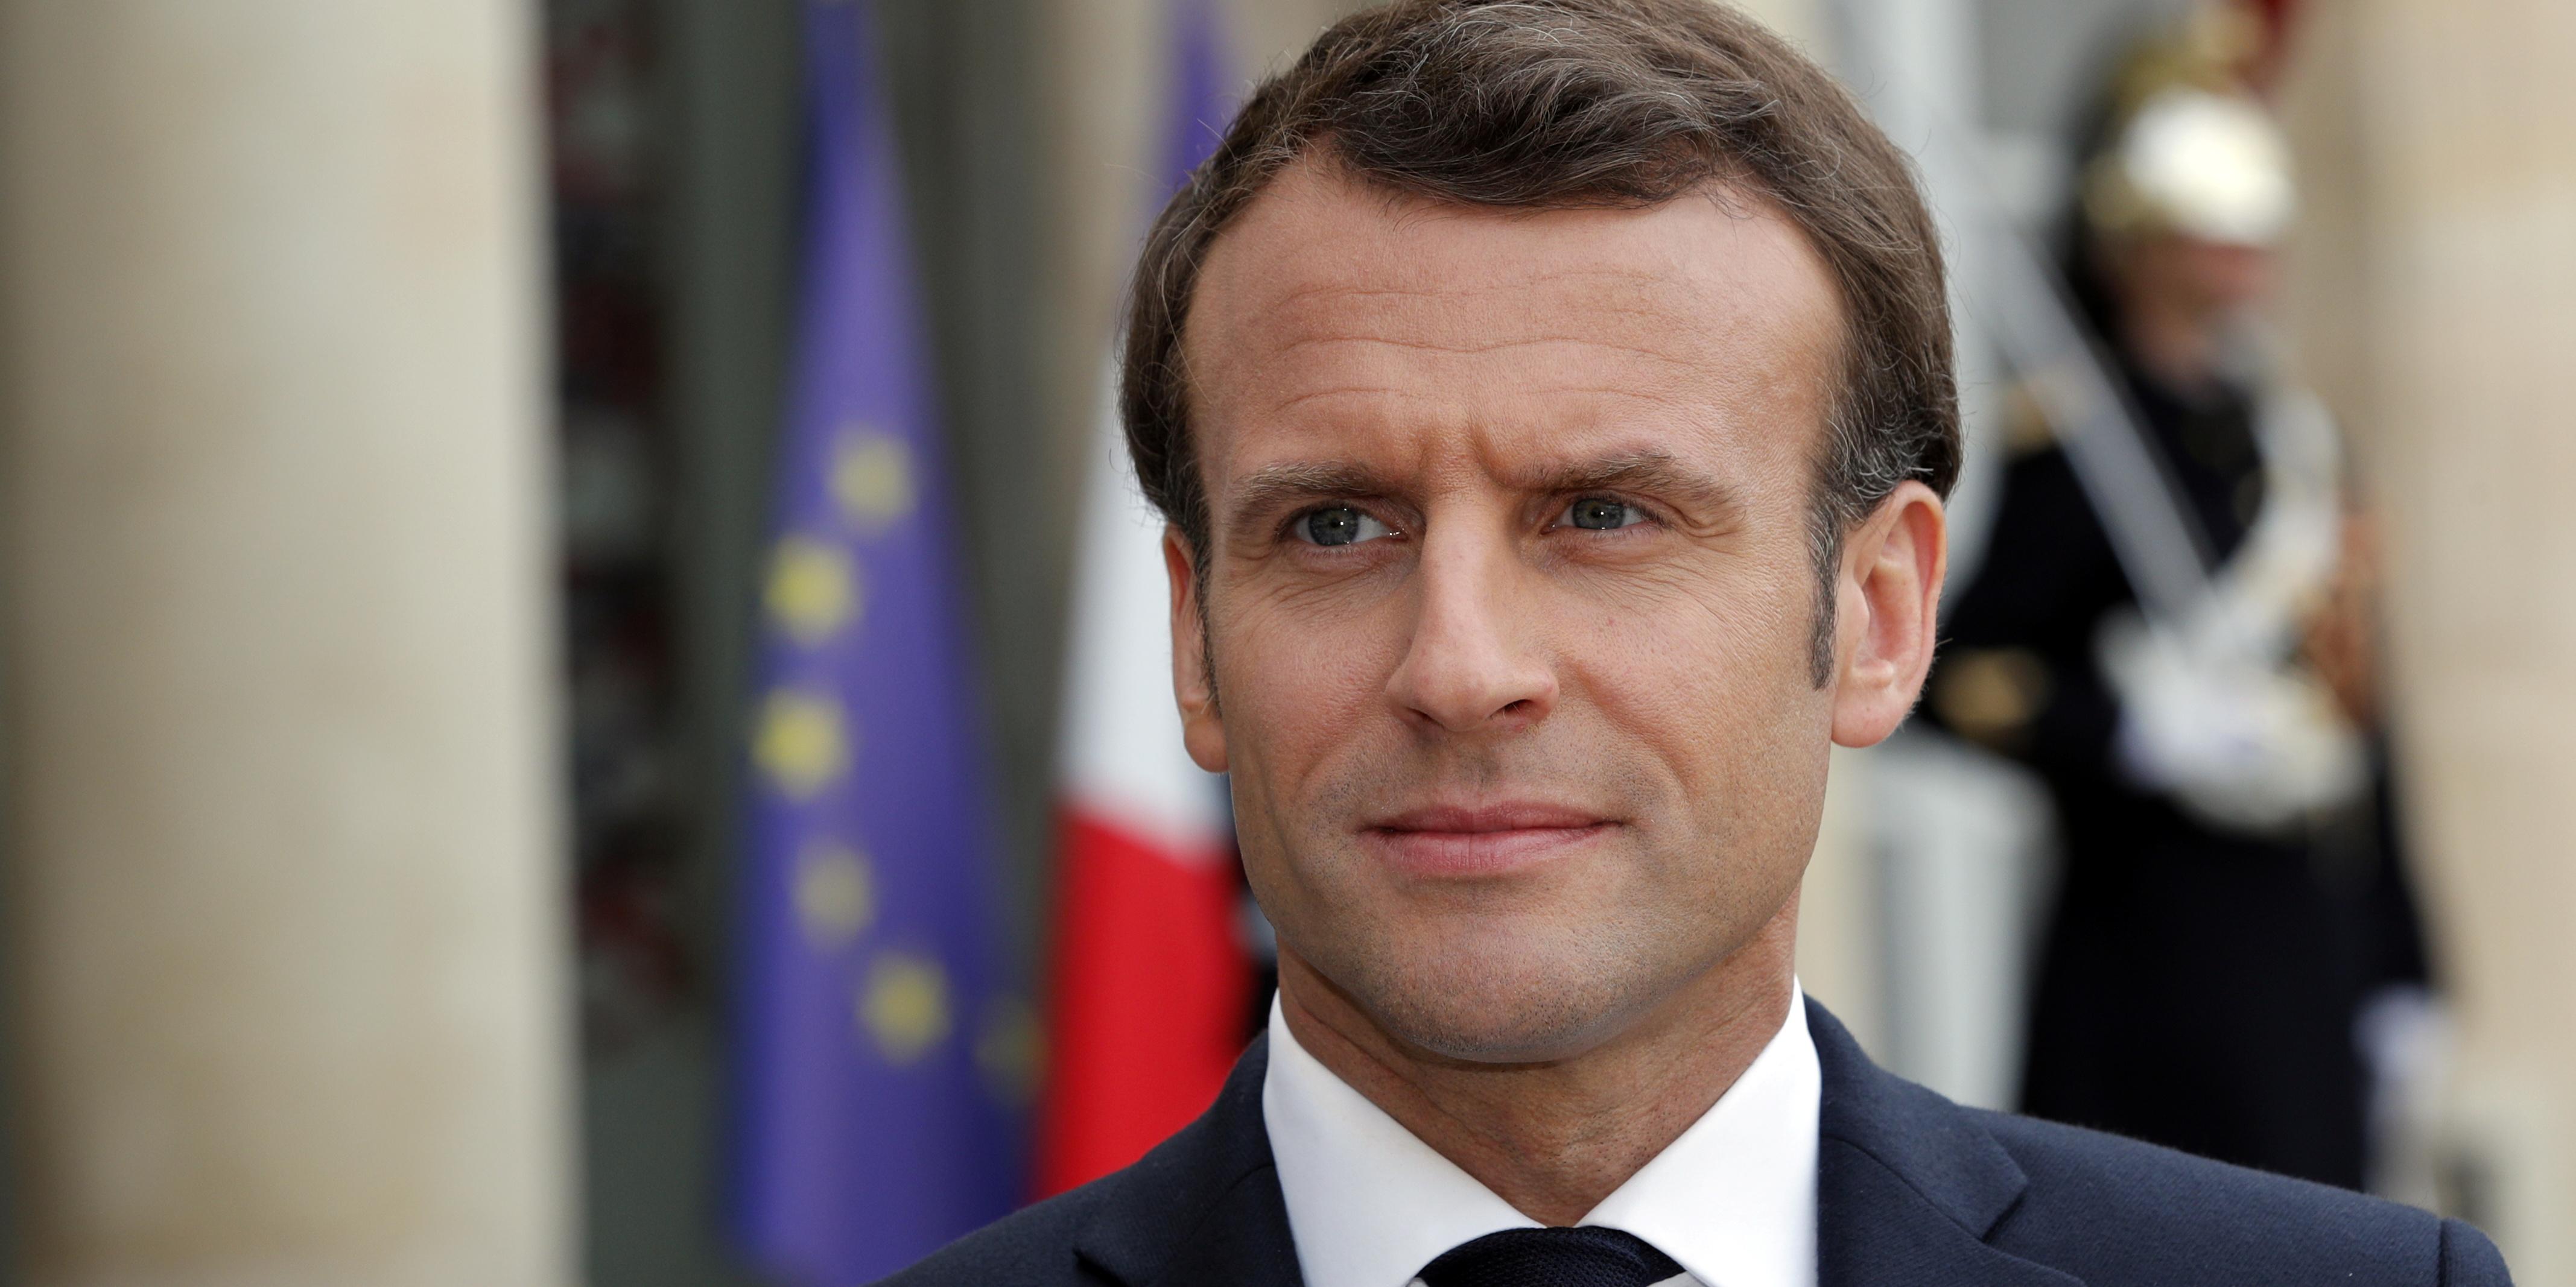 Impôts, retraites, RIC : ce qu'Emmanuel Macron devait annoncer lundi soir